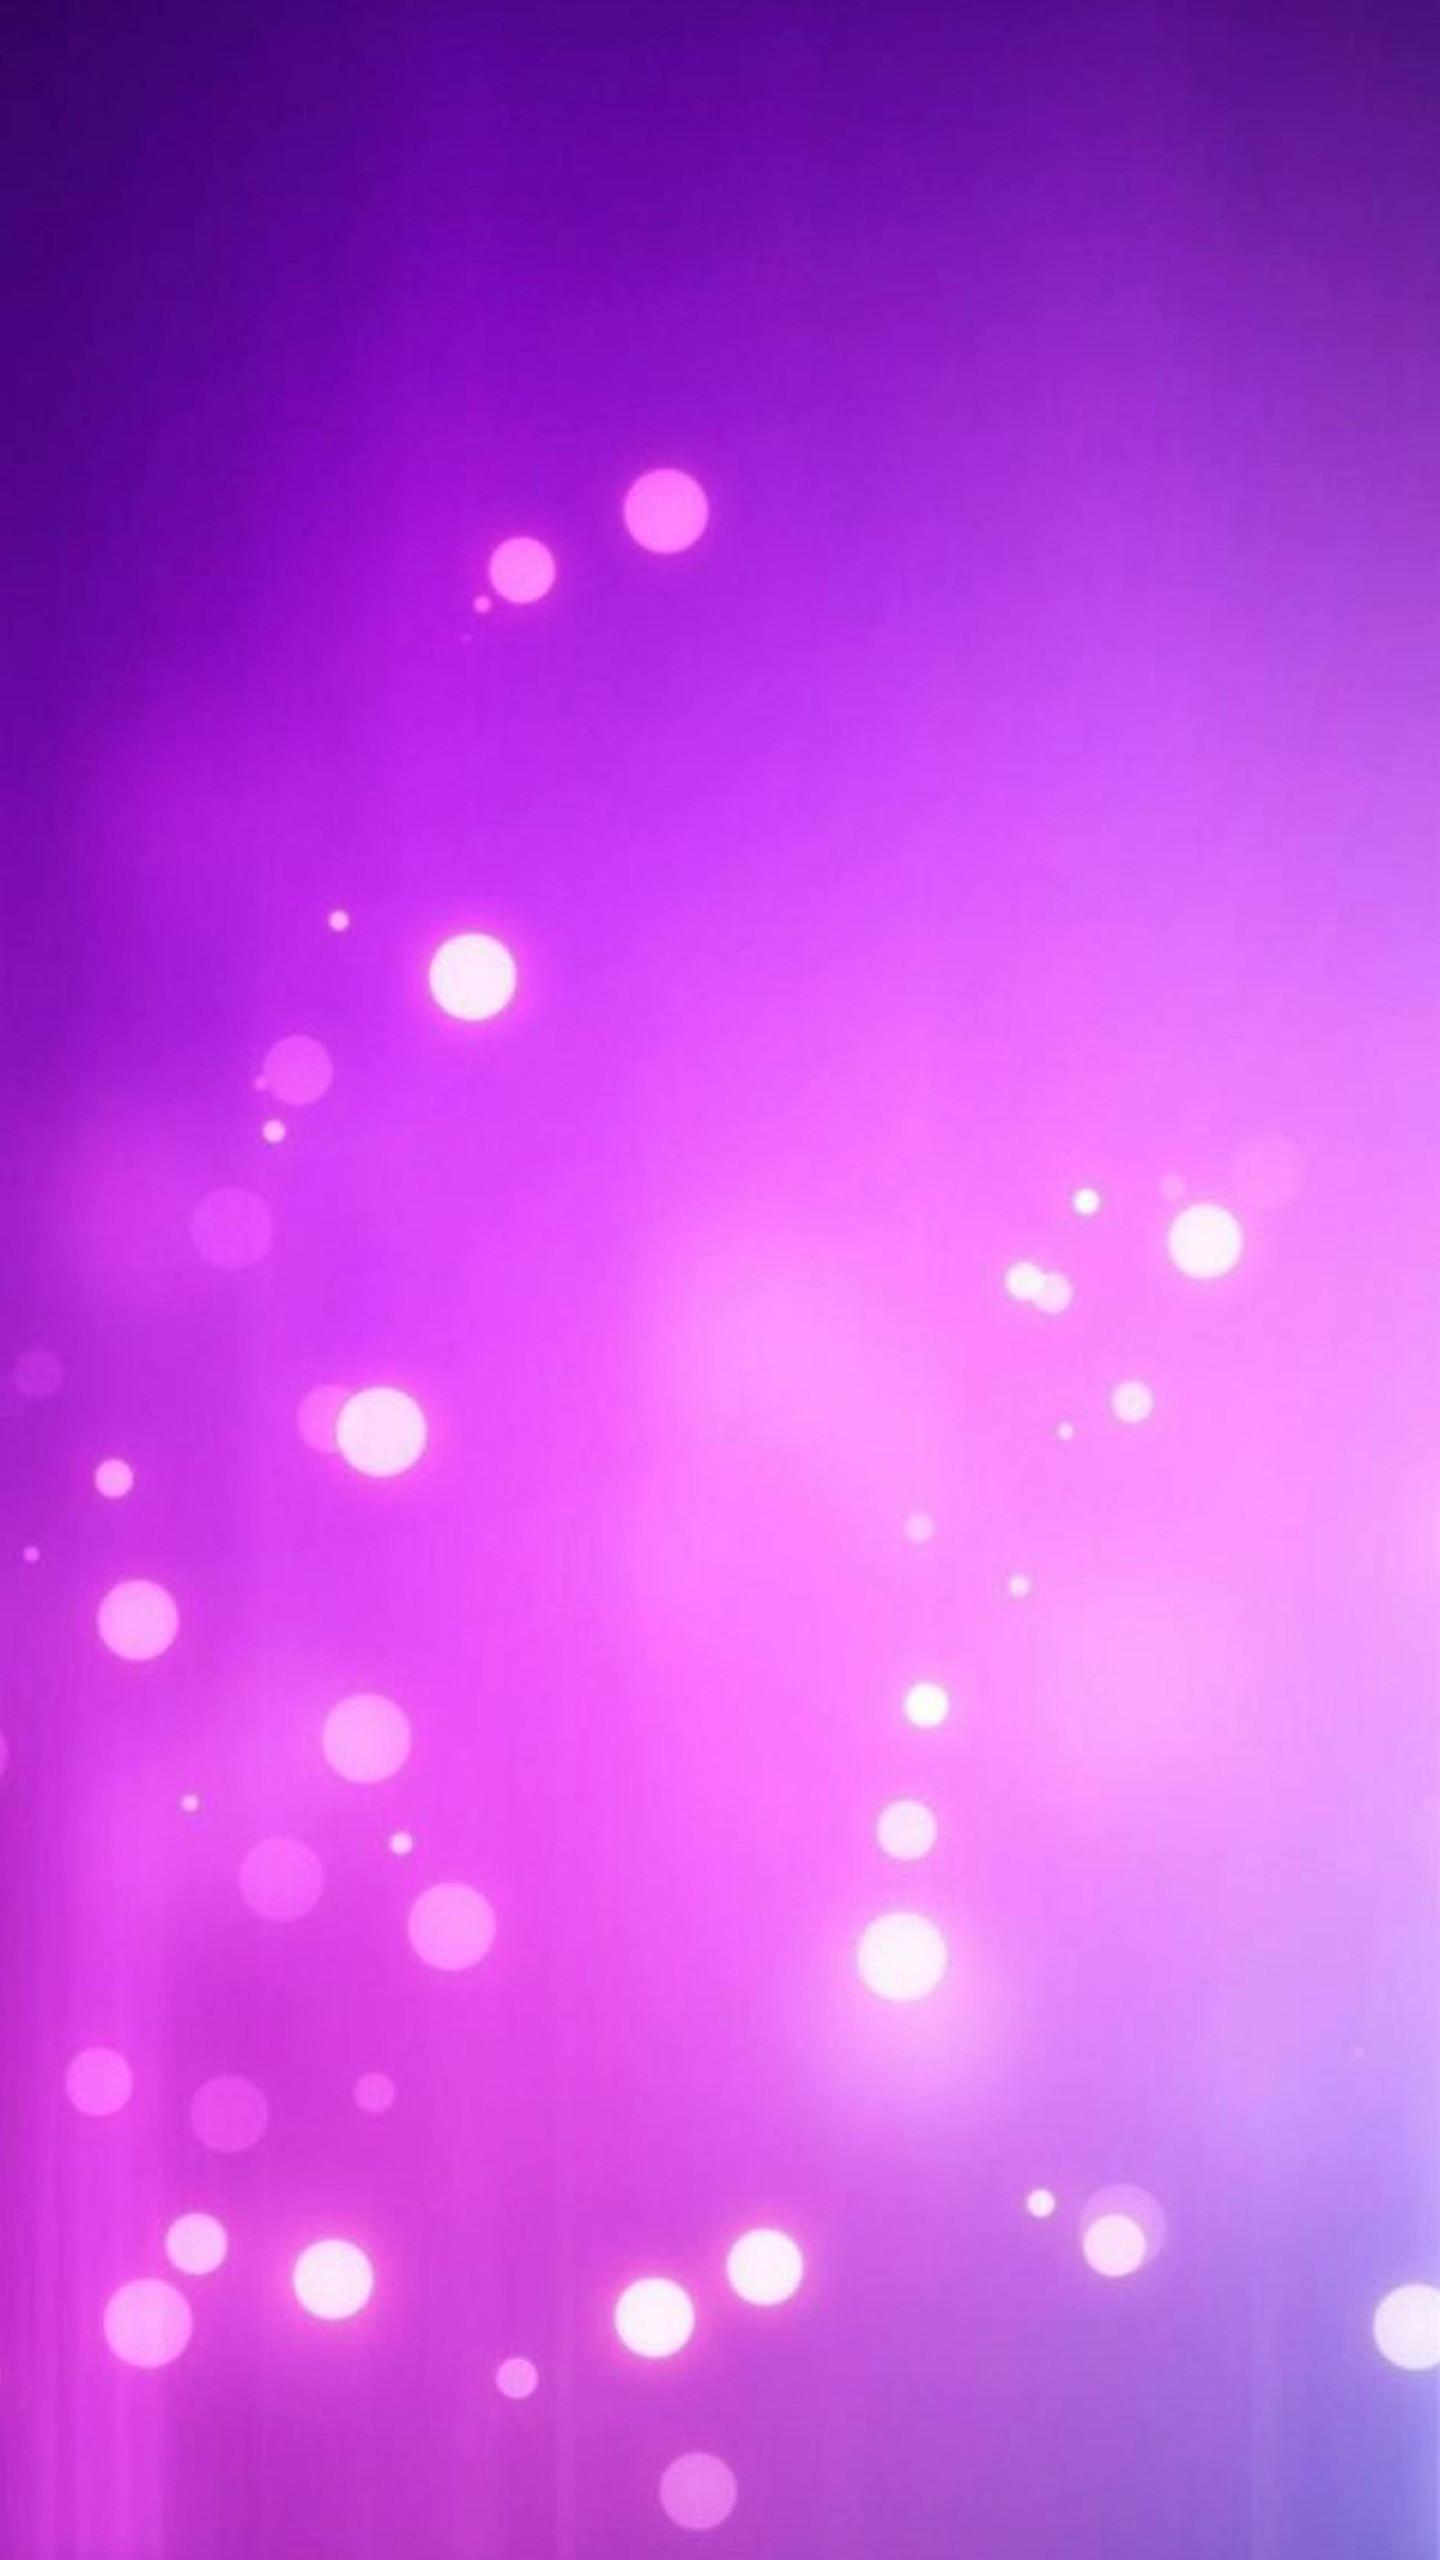 Purple Star Nexus 6 Wallpapers.jpg (1440×2560)